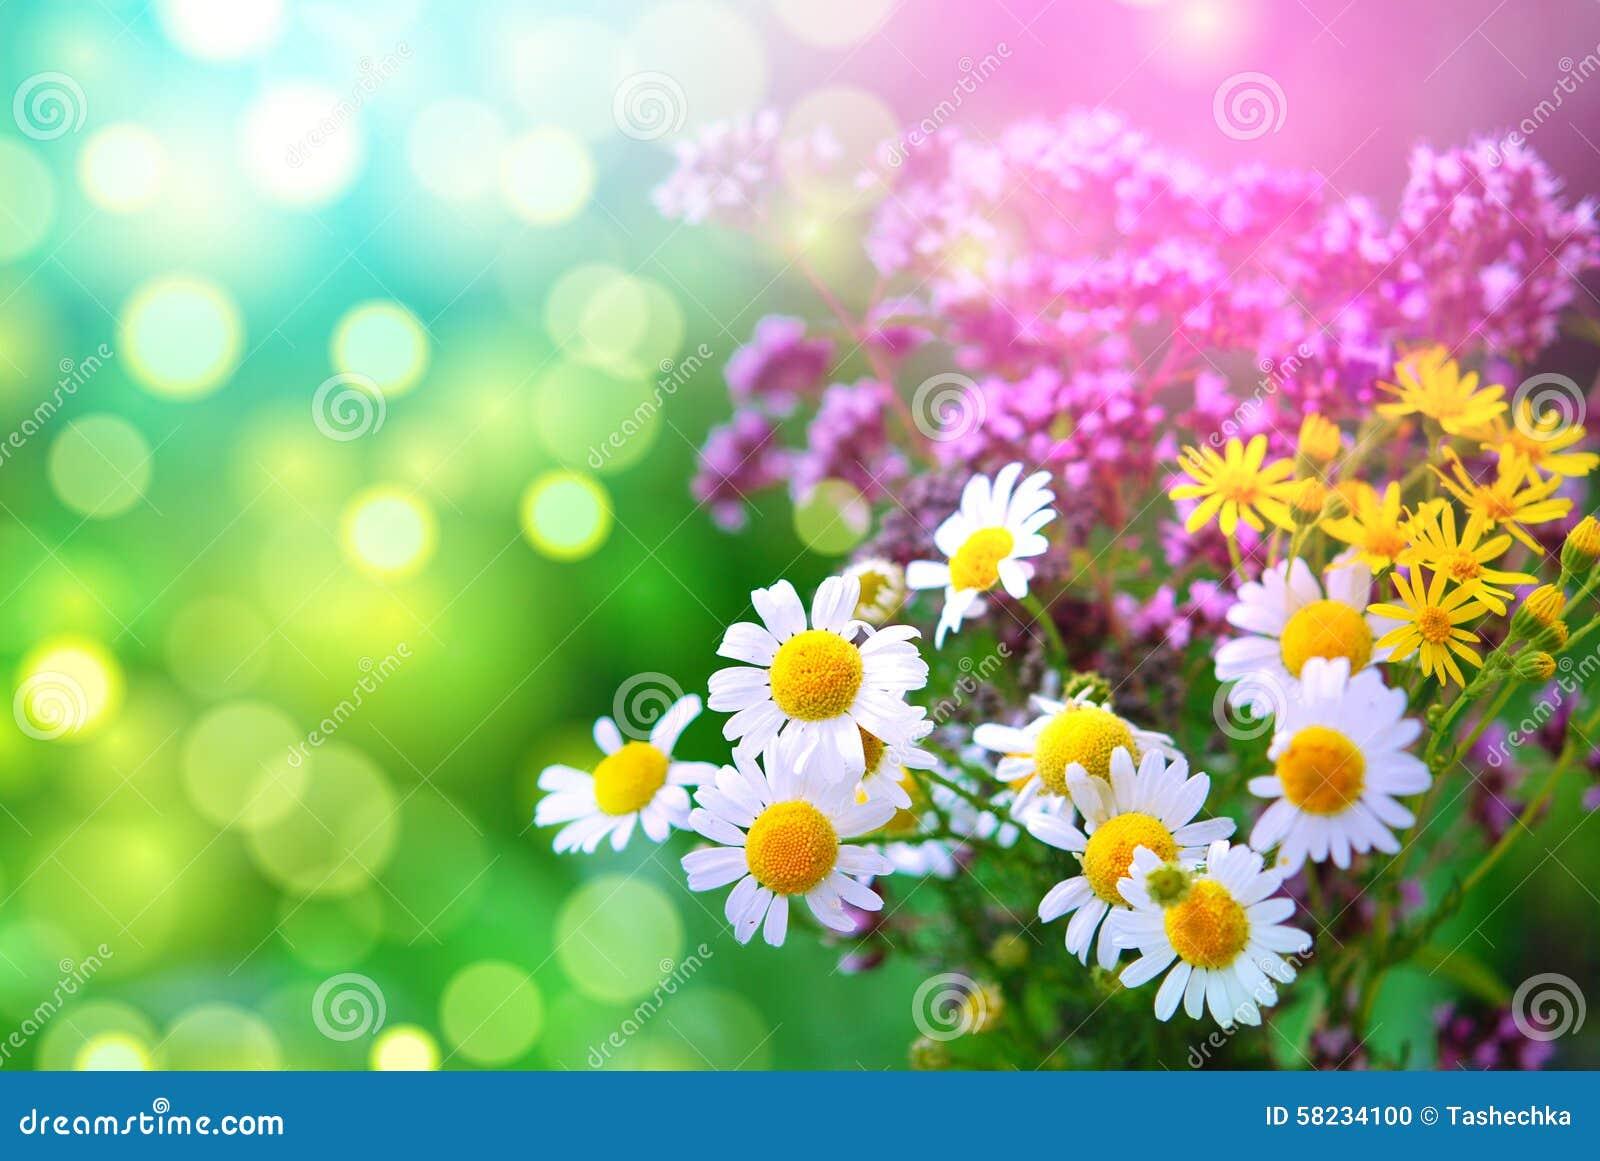 Lavendel en madeliefjes in een mooie de lentetuin